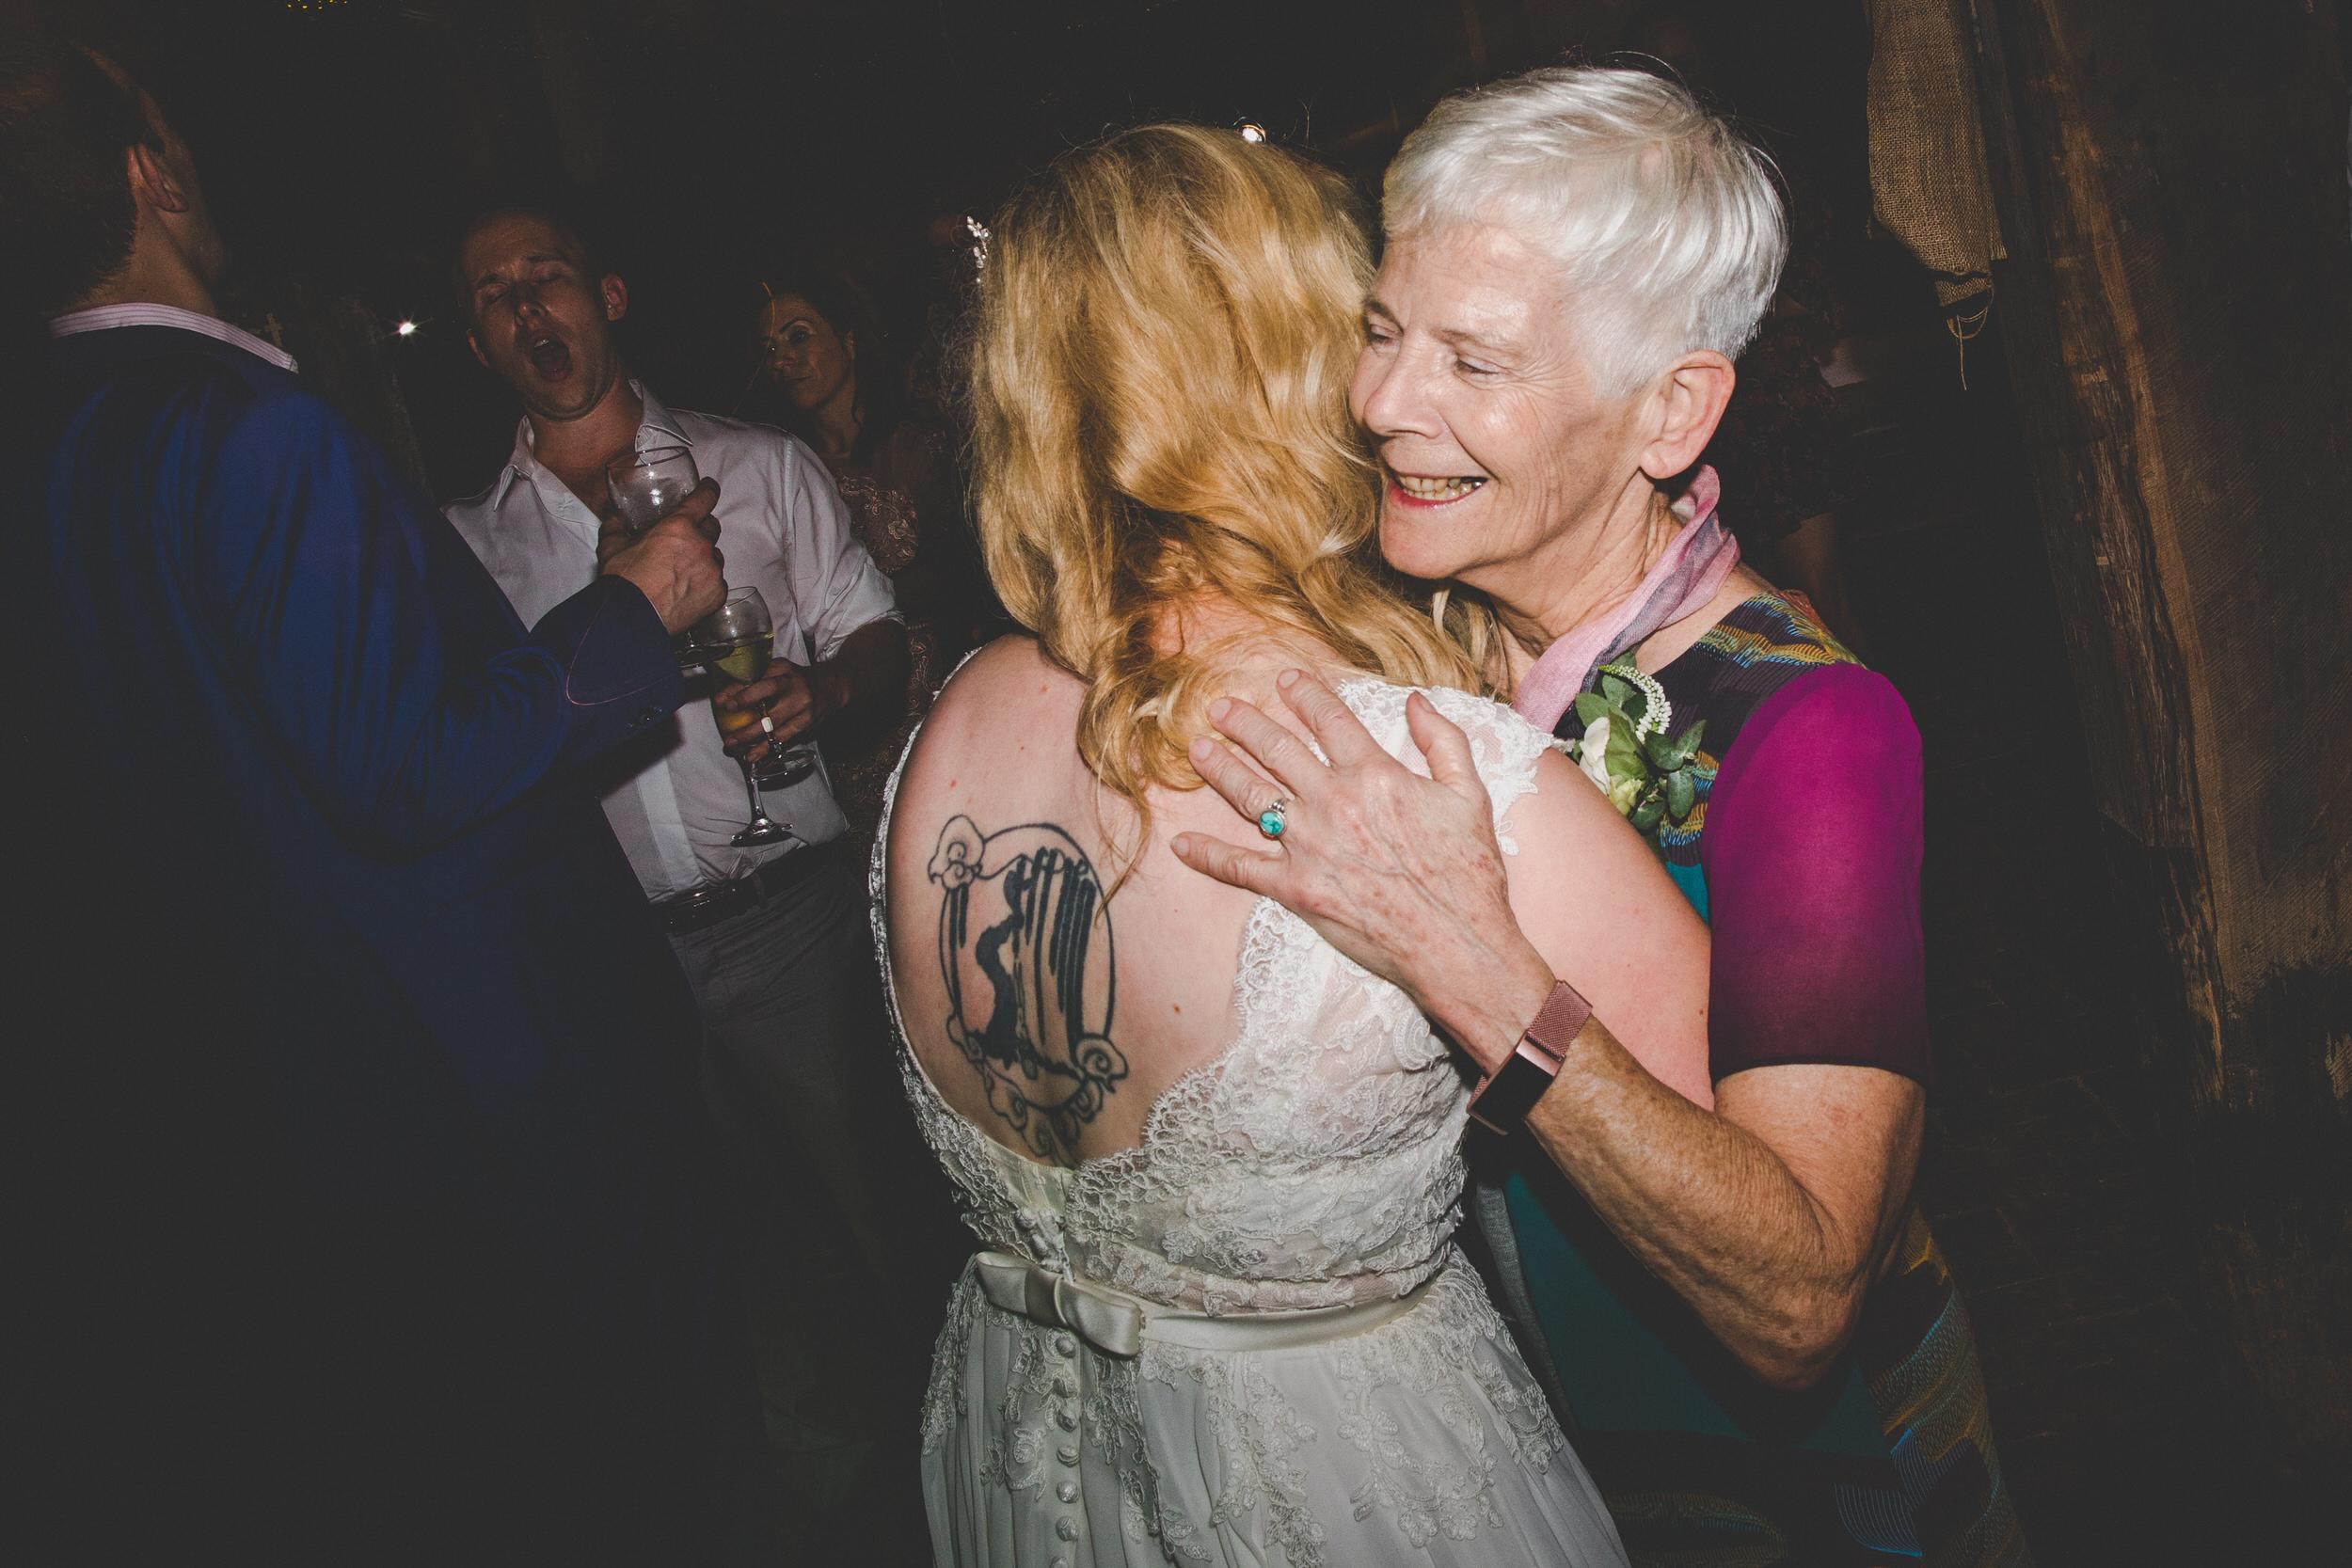 hugs on the wedding dance floor